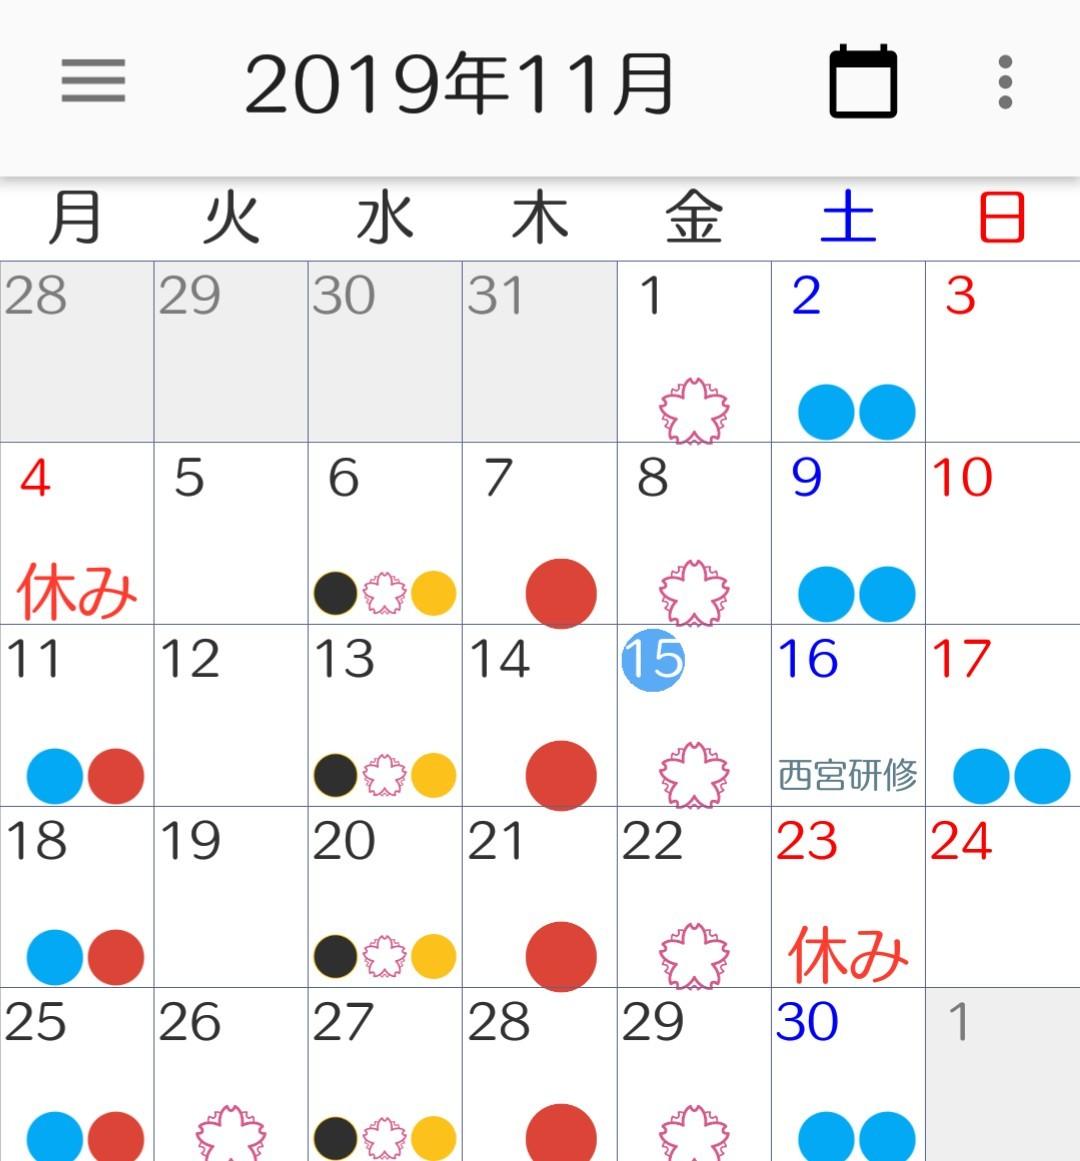 2019年11月の予定・カレンダー_c0366378_02323934.jpg